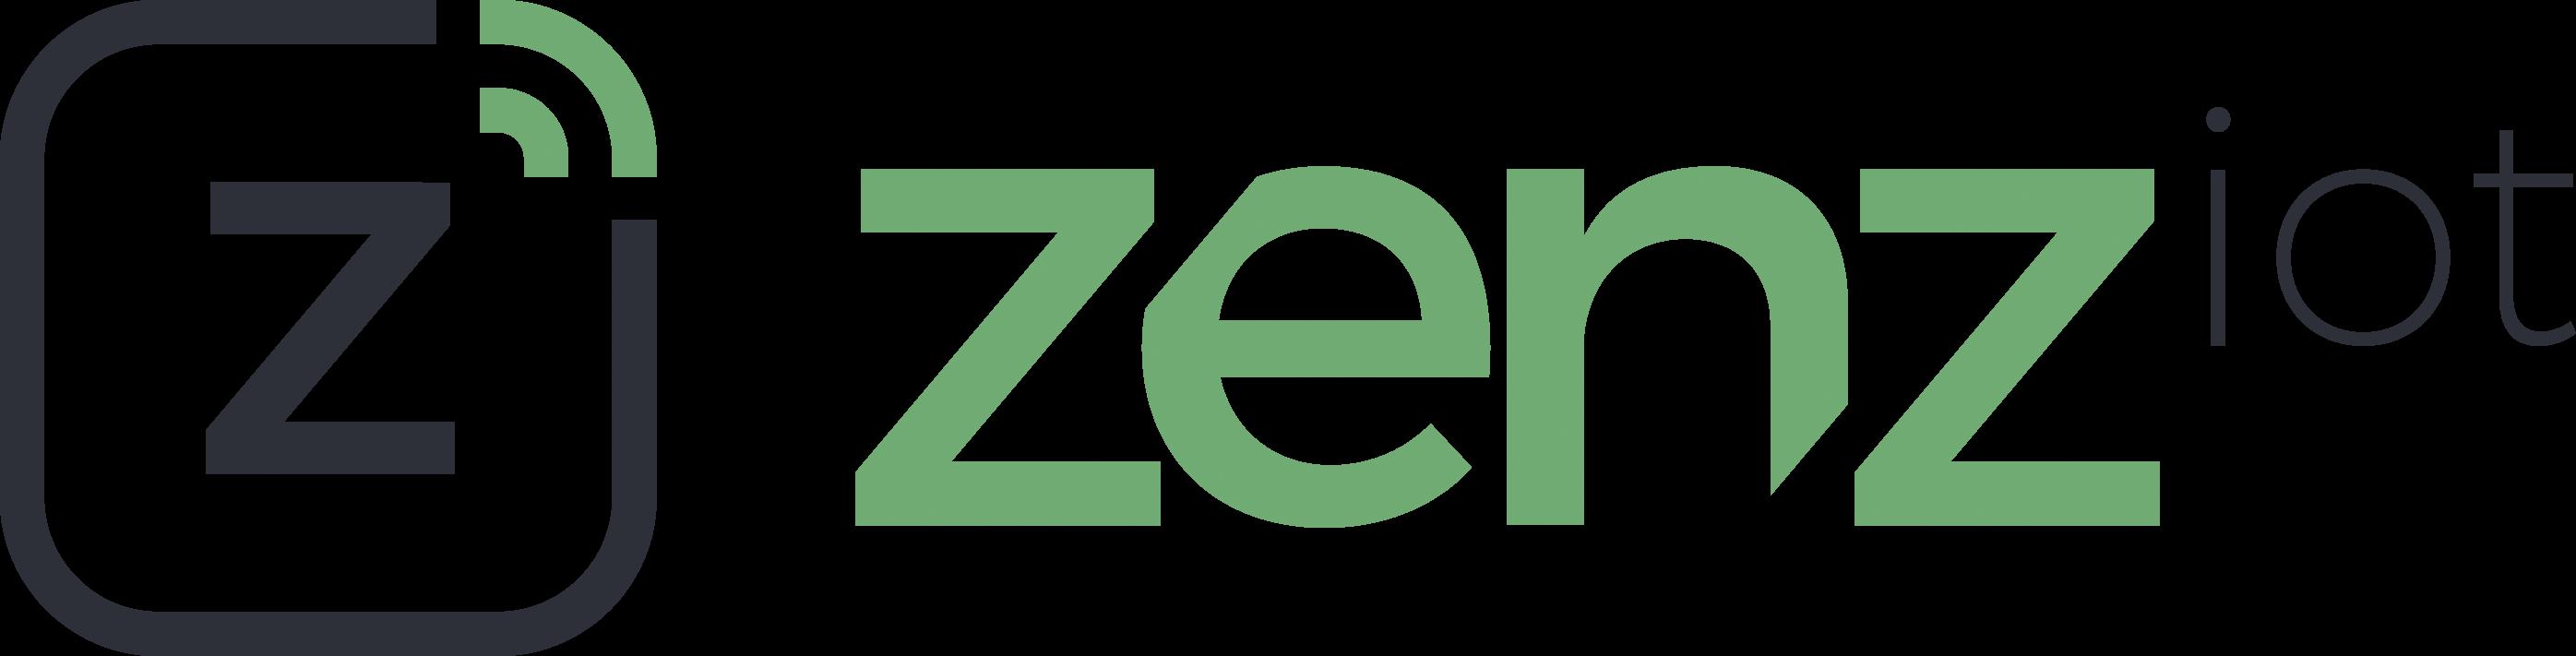 Zenziot logo design